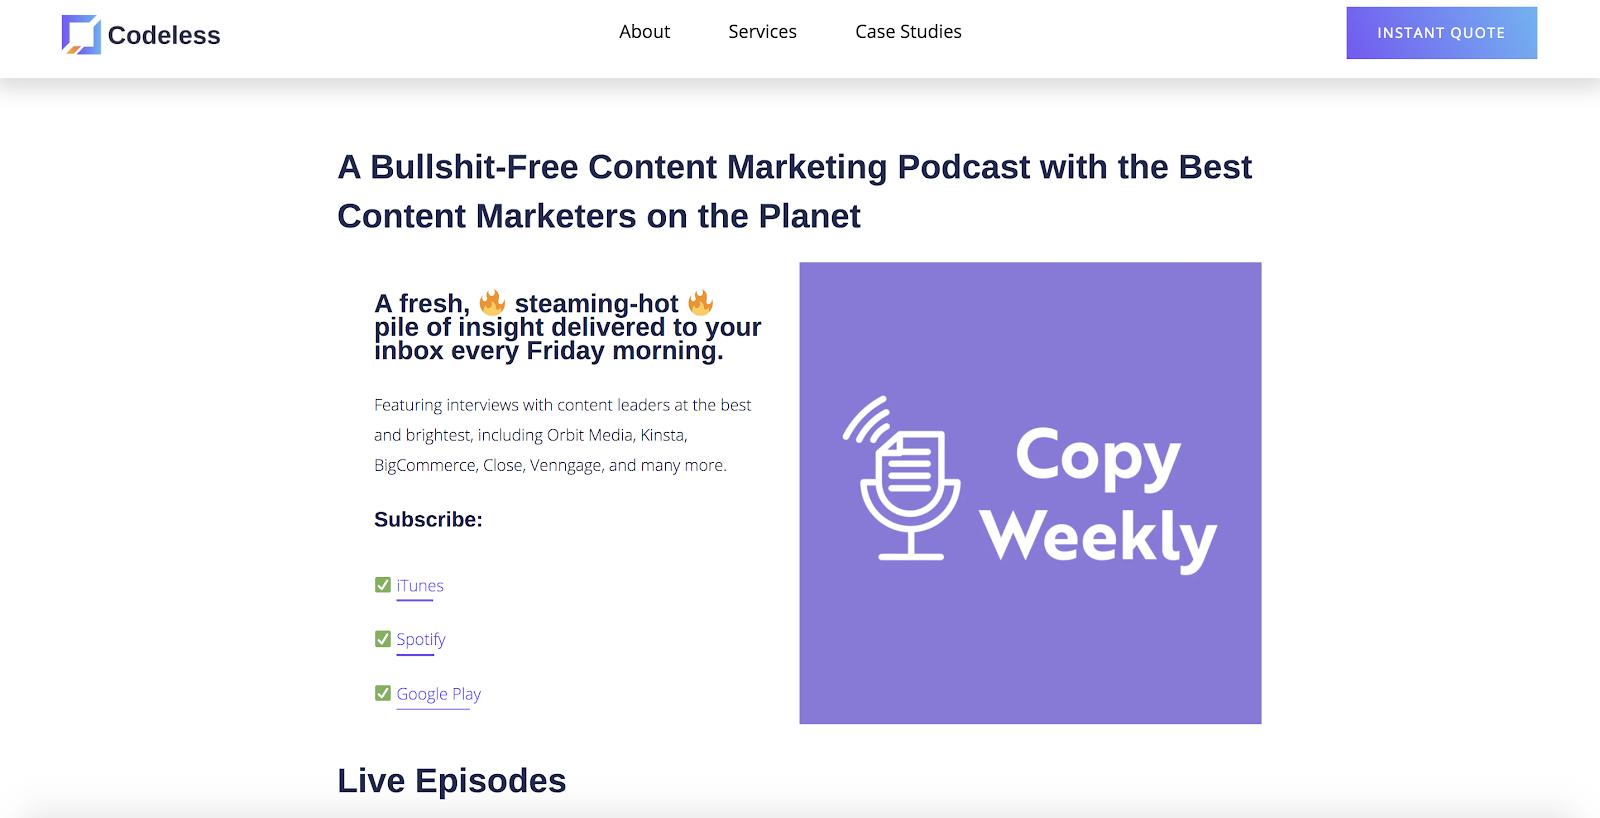 Copy Weekly